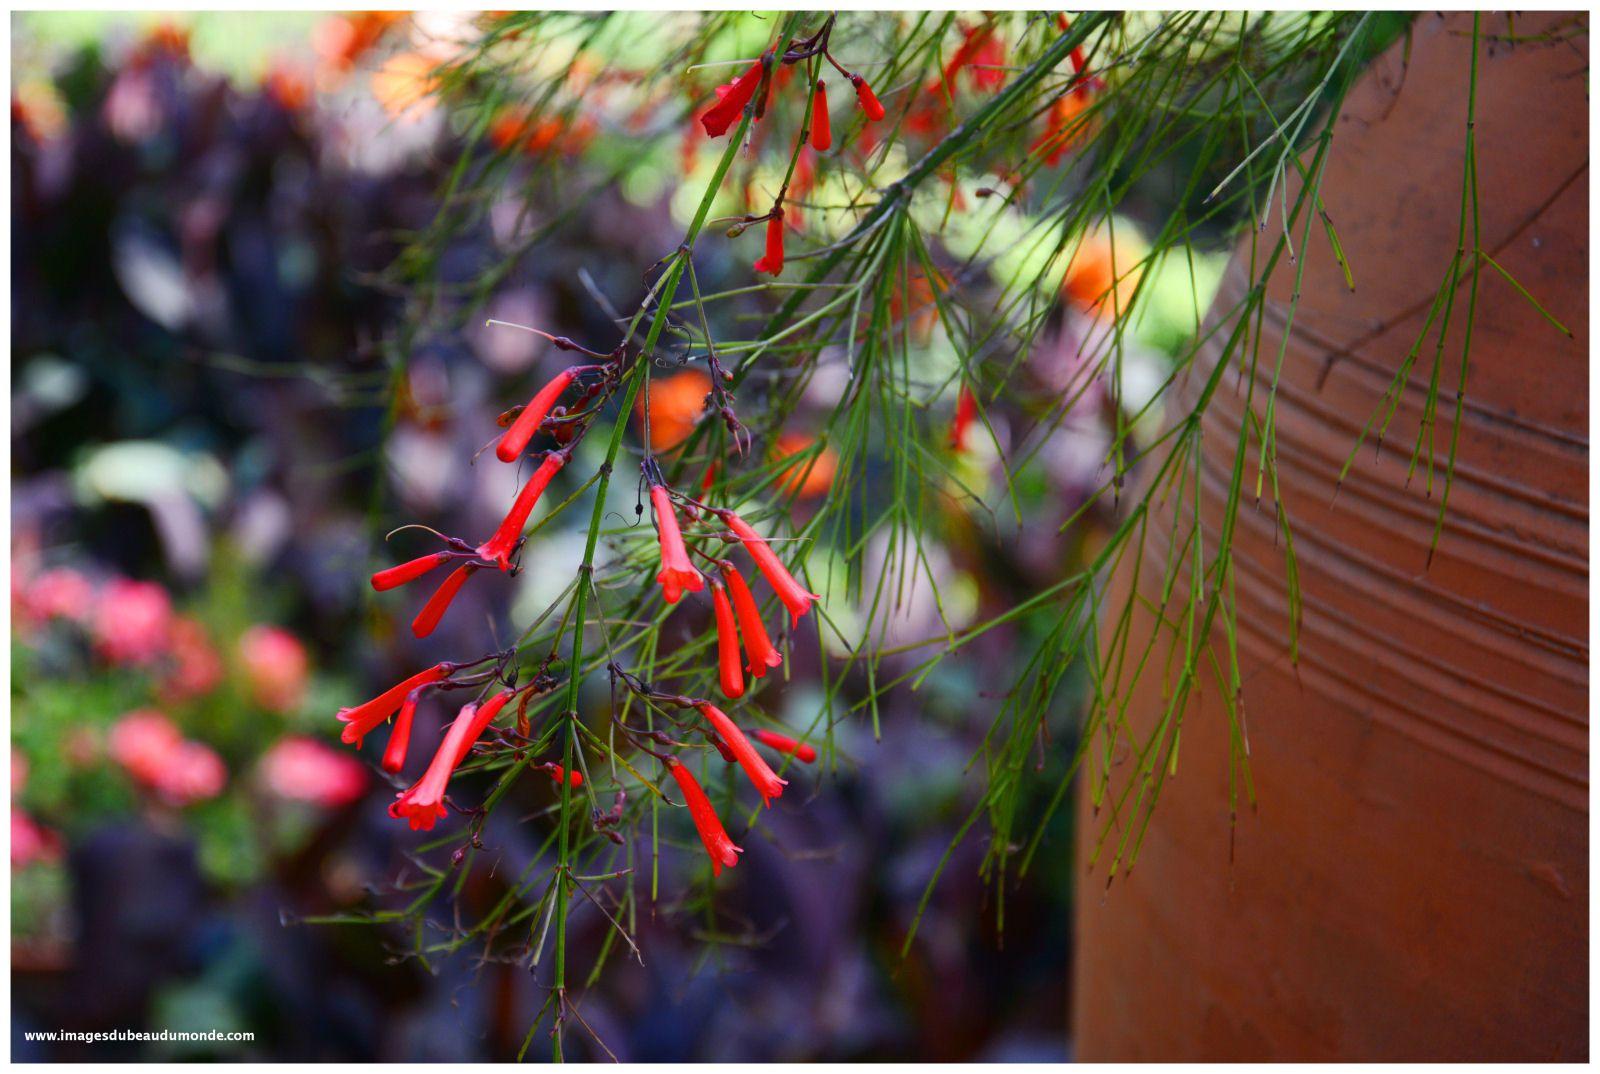 Photos de fleurs cueillies la semaine derniière dans les Îles Éoliennes, la toute dernière à Taormine.